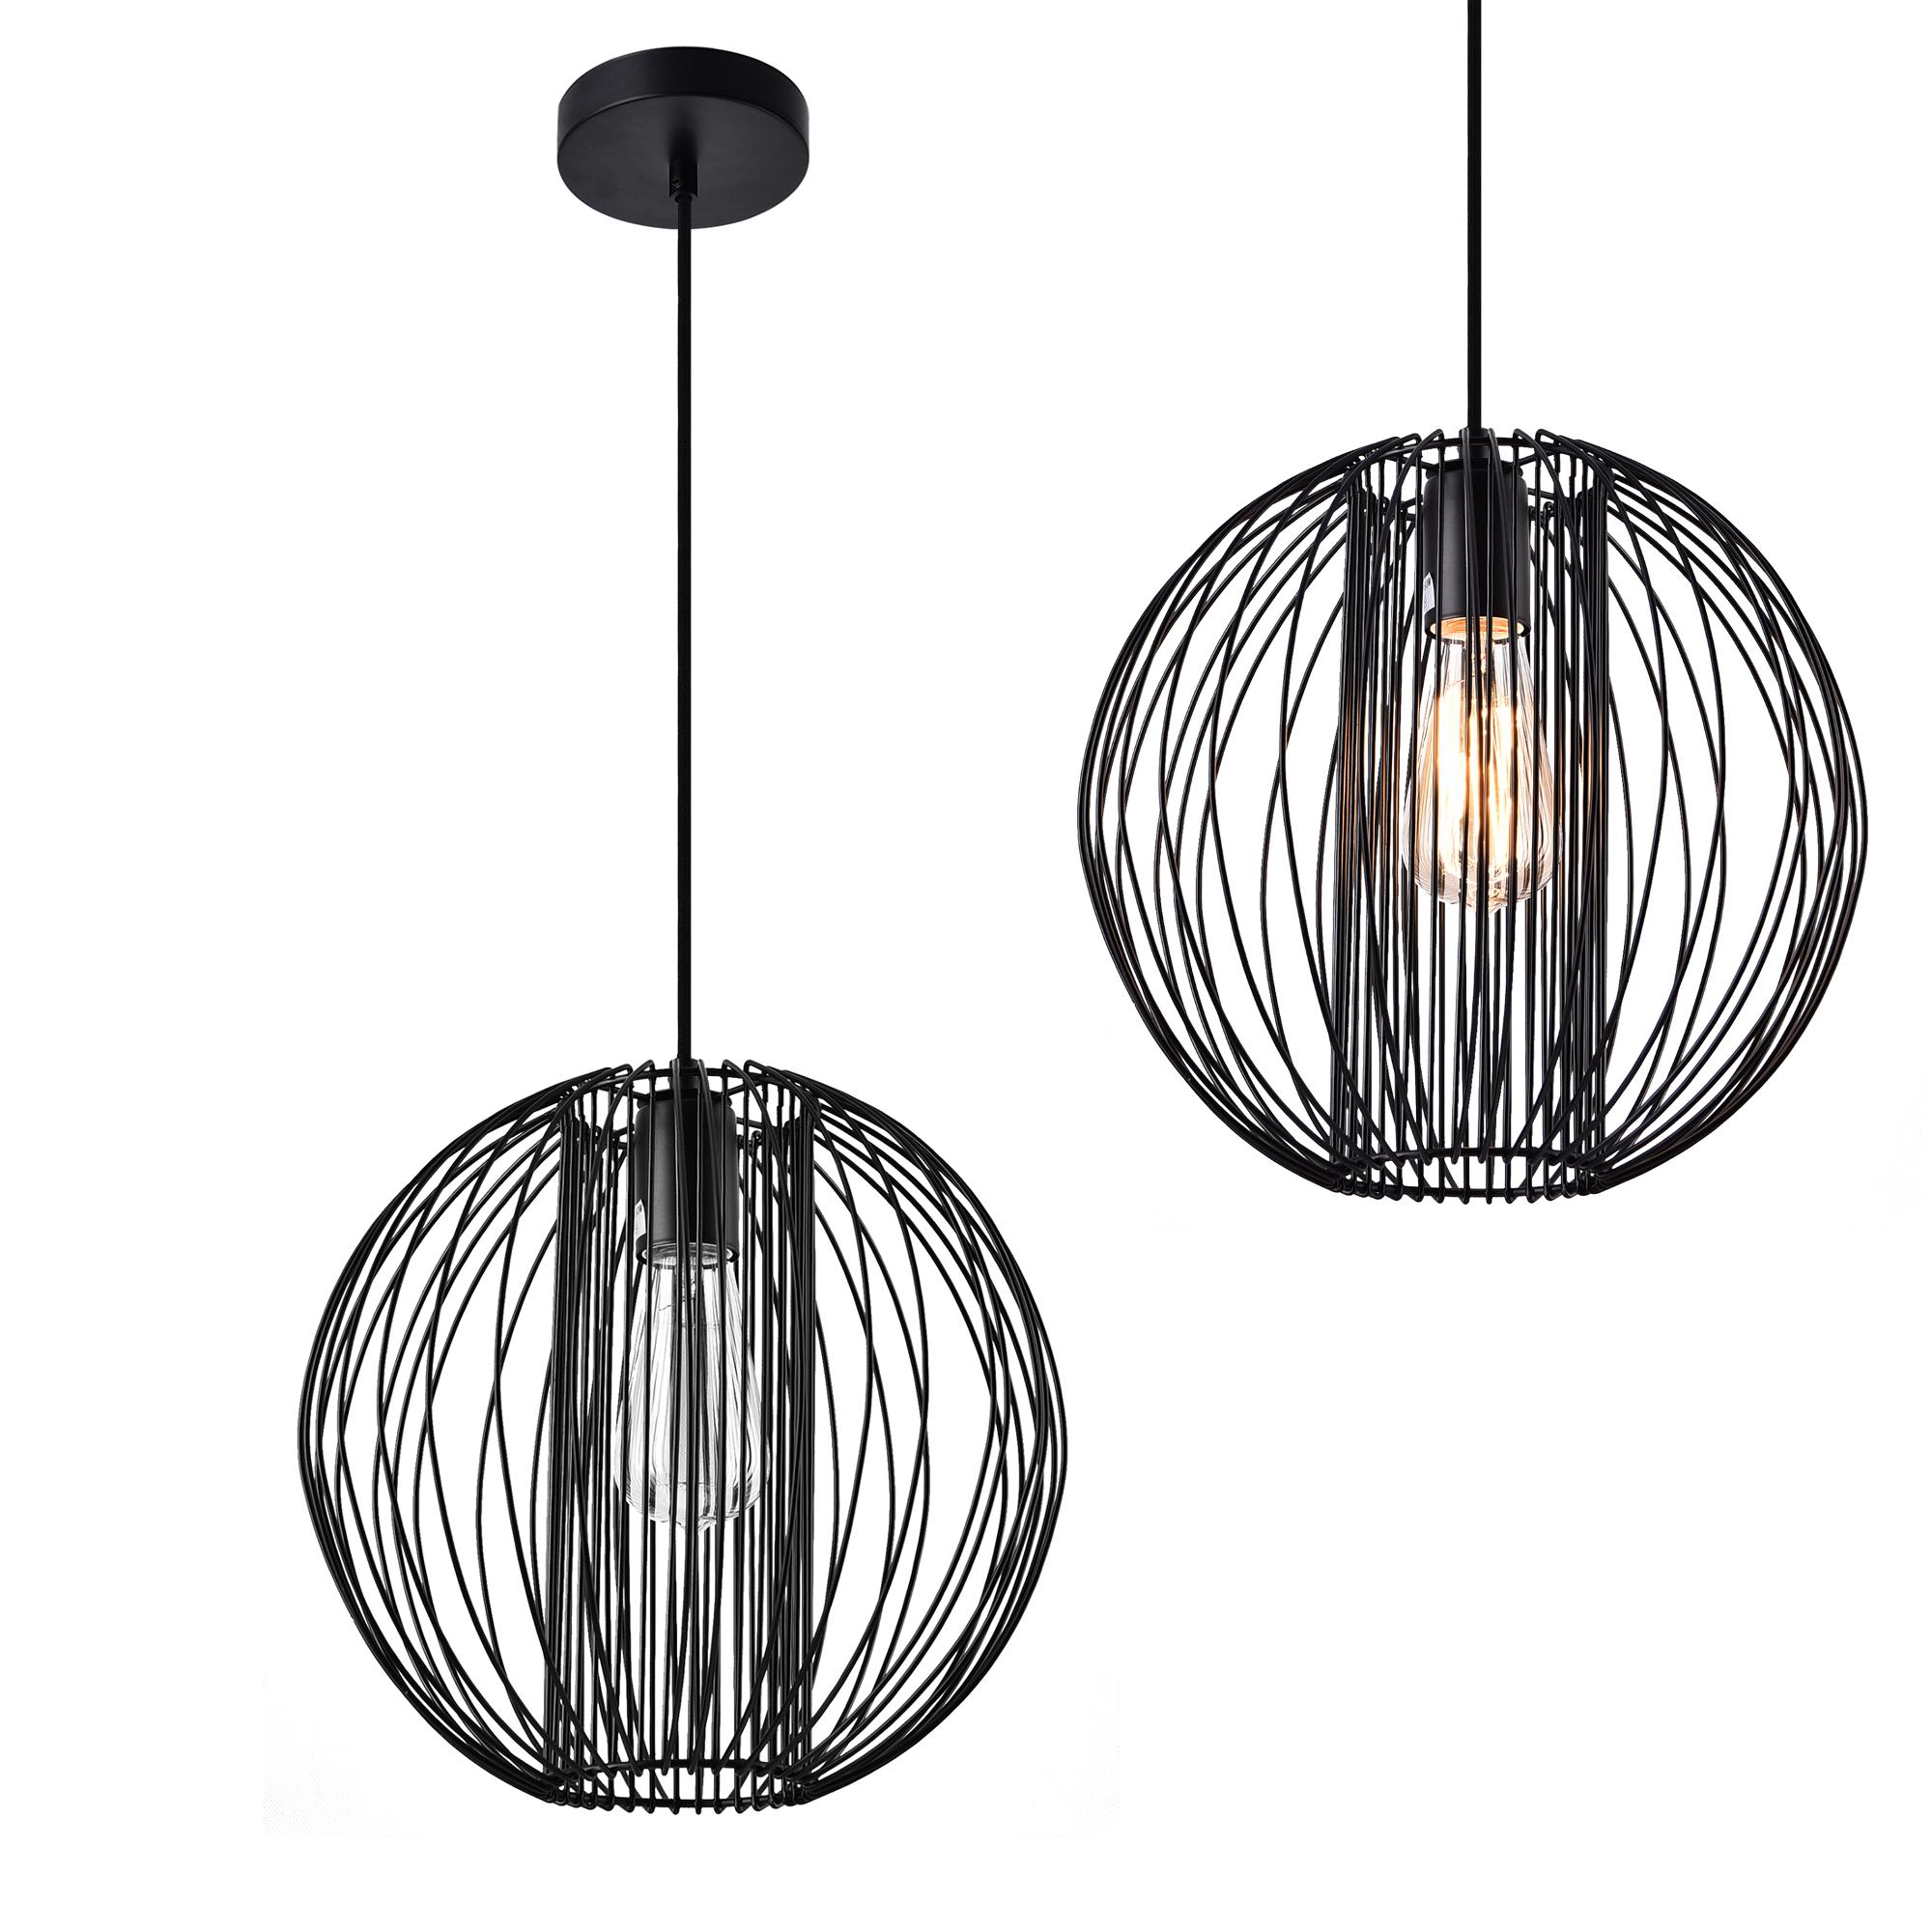 Détails Sur Lux Pro Lampe à Suspension Métal Noir Plafonnier Suspendue Lumière Design Rond